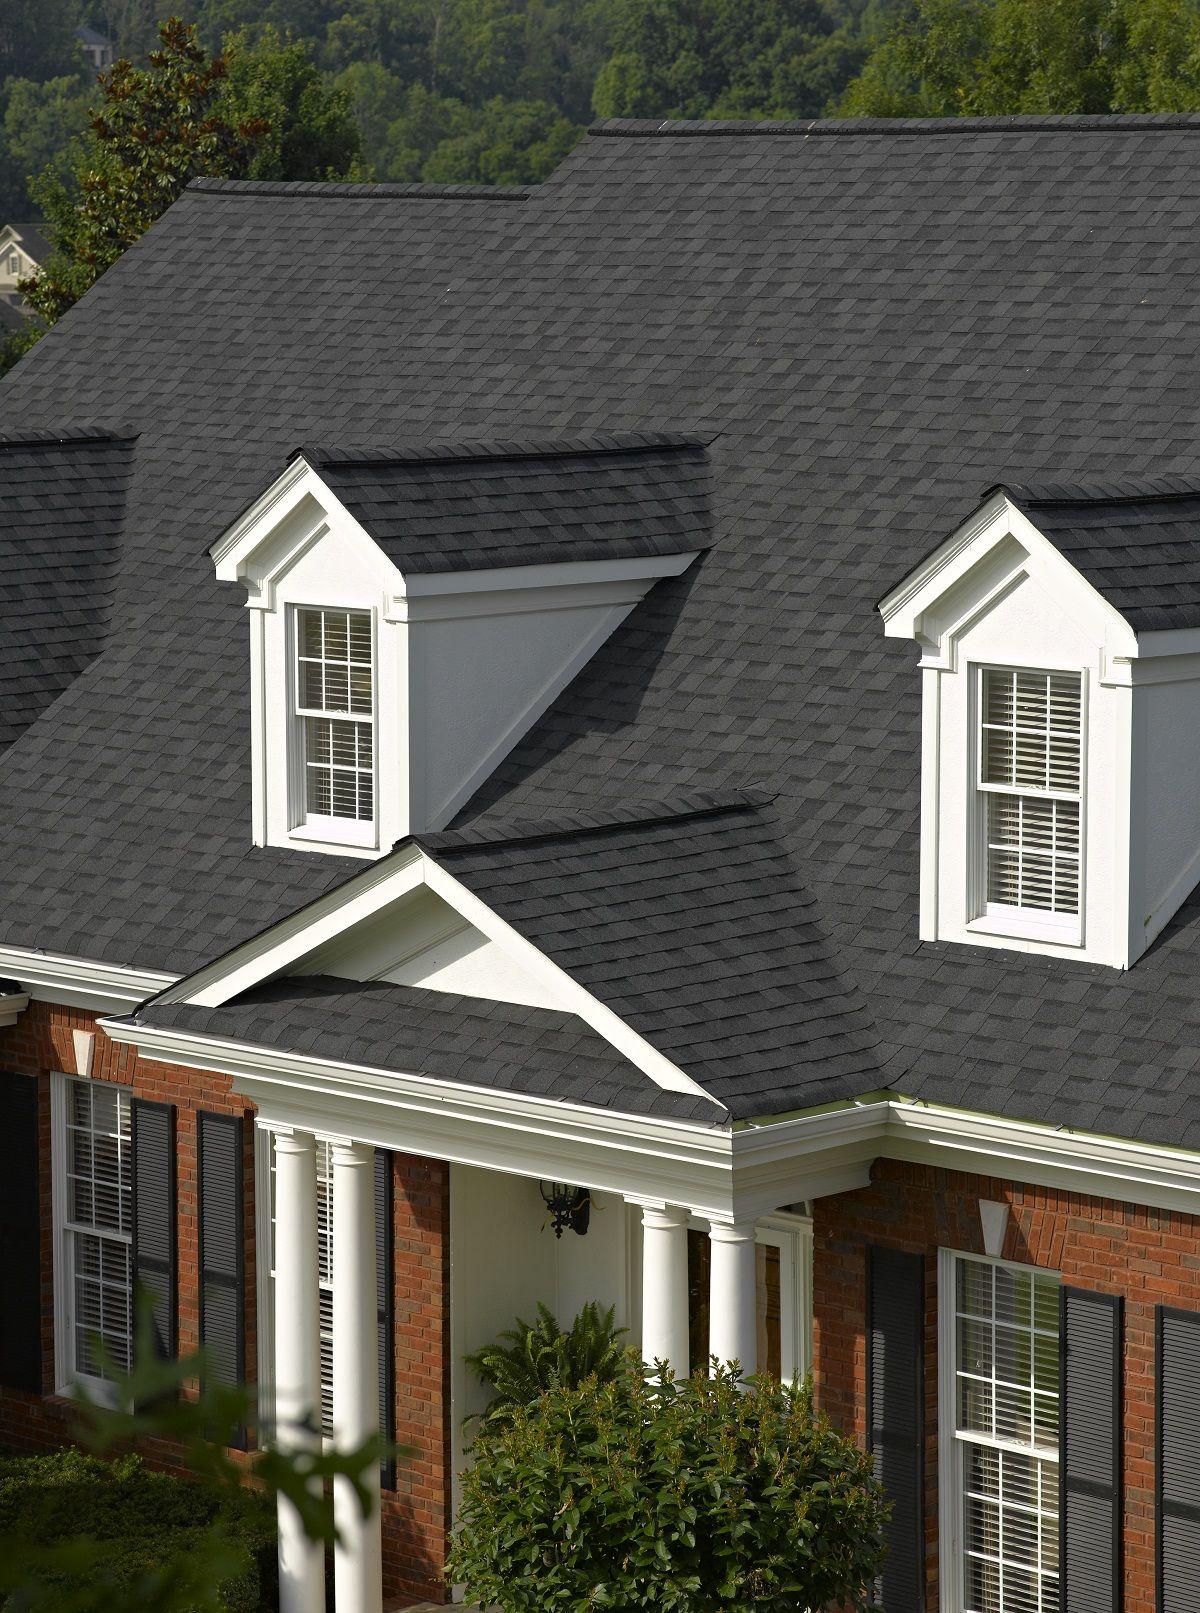 Best Certainteed Roofing Landmark Series In Moire Black 400 x 300